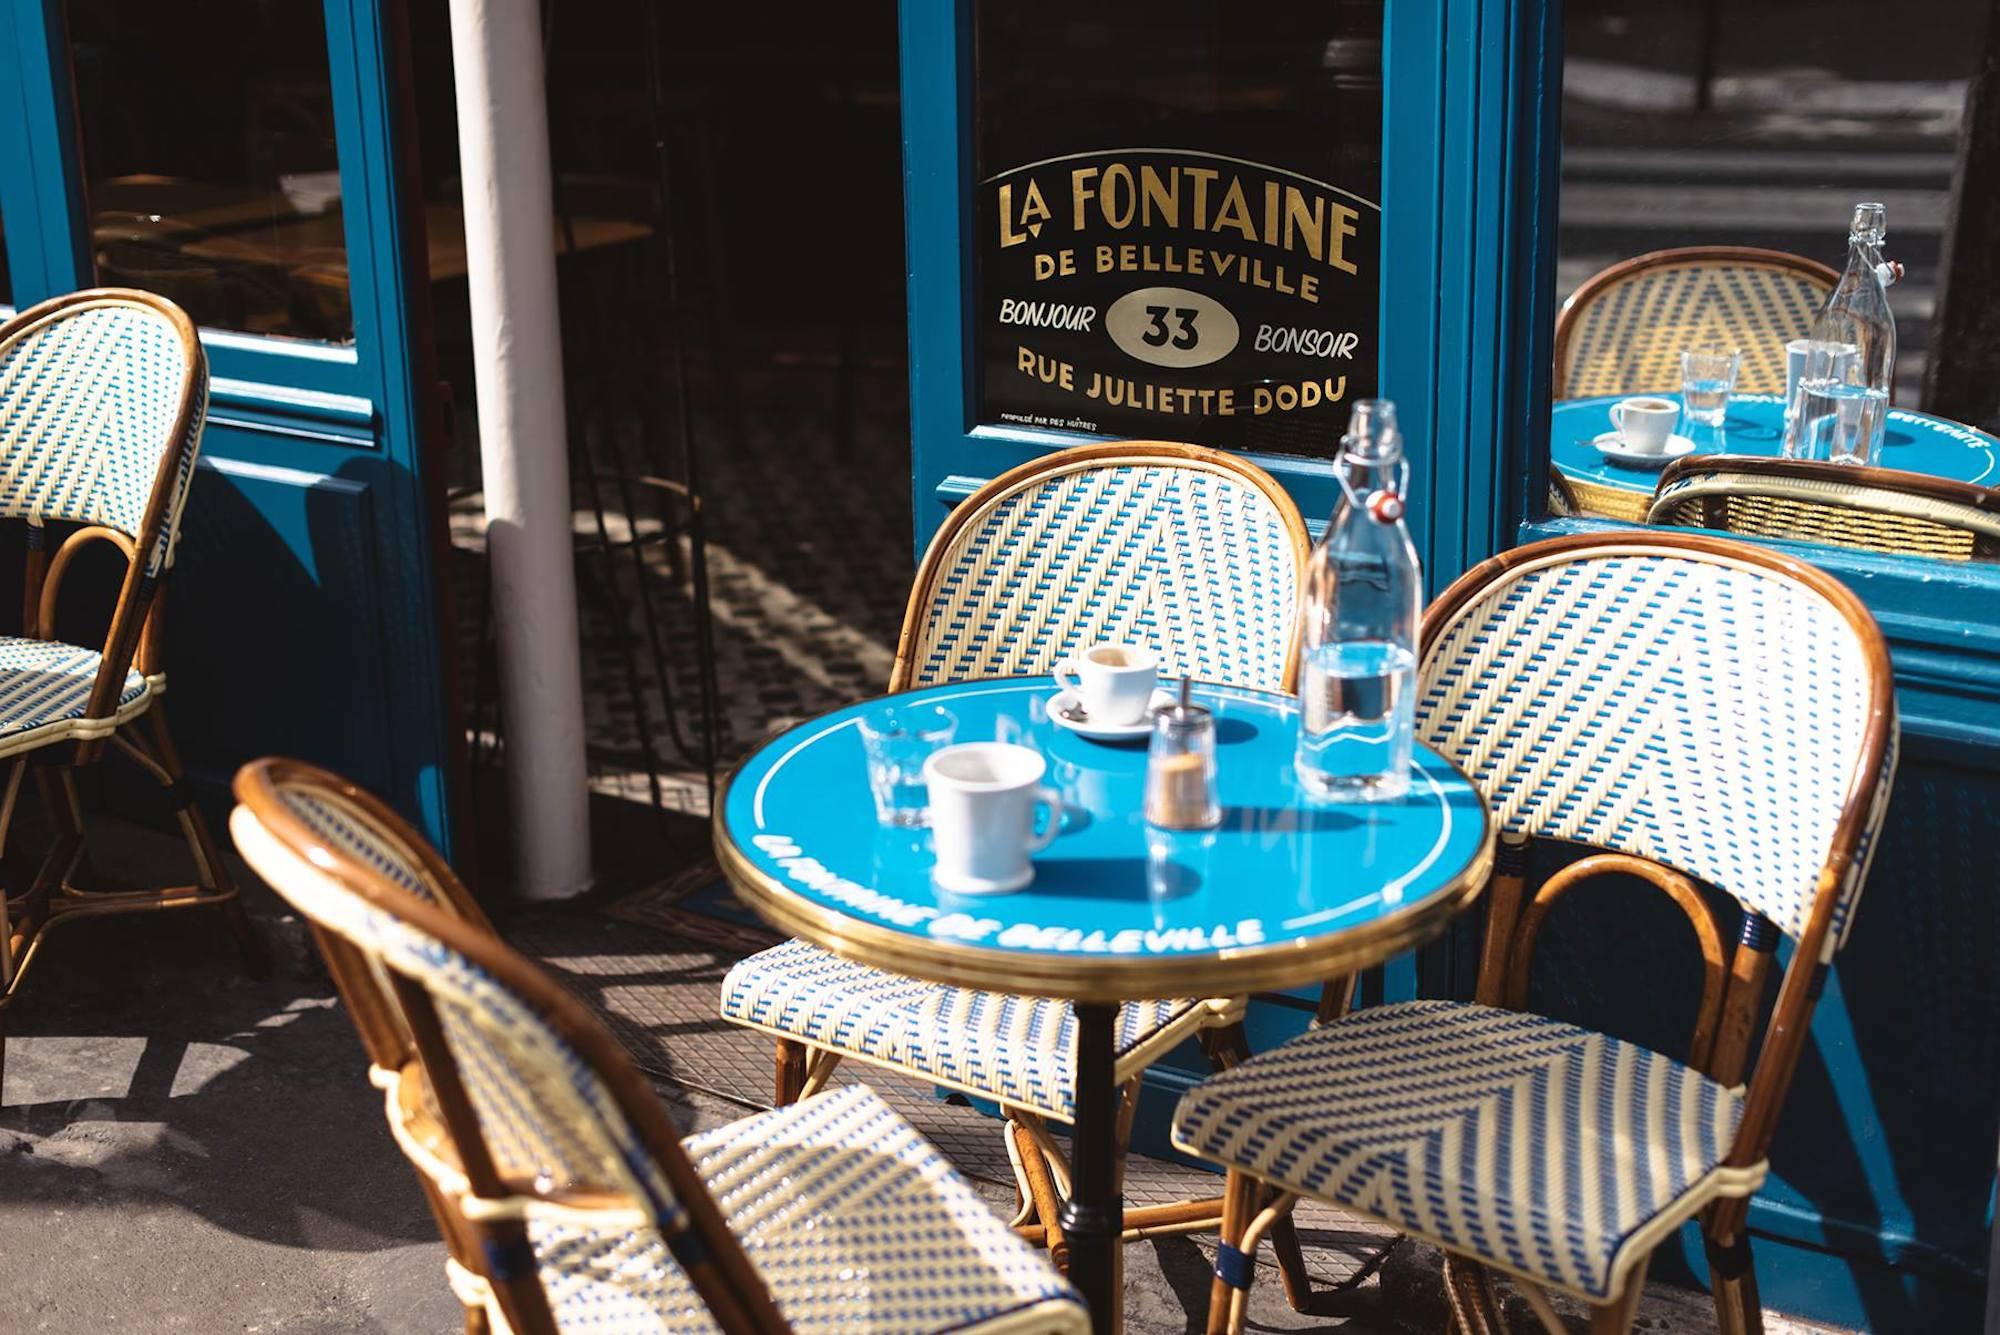 HiP Paris Blog rounds up the top brunch spots in Paris